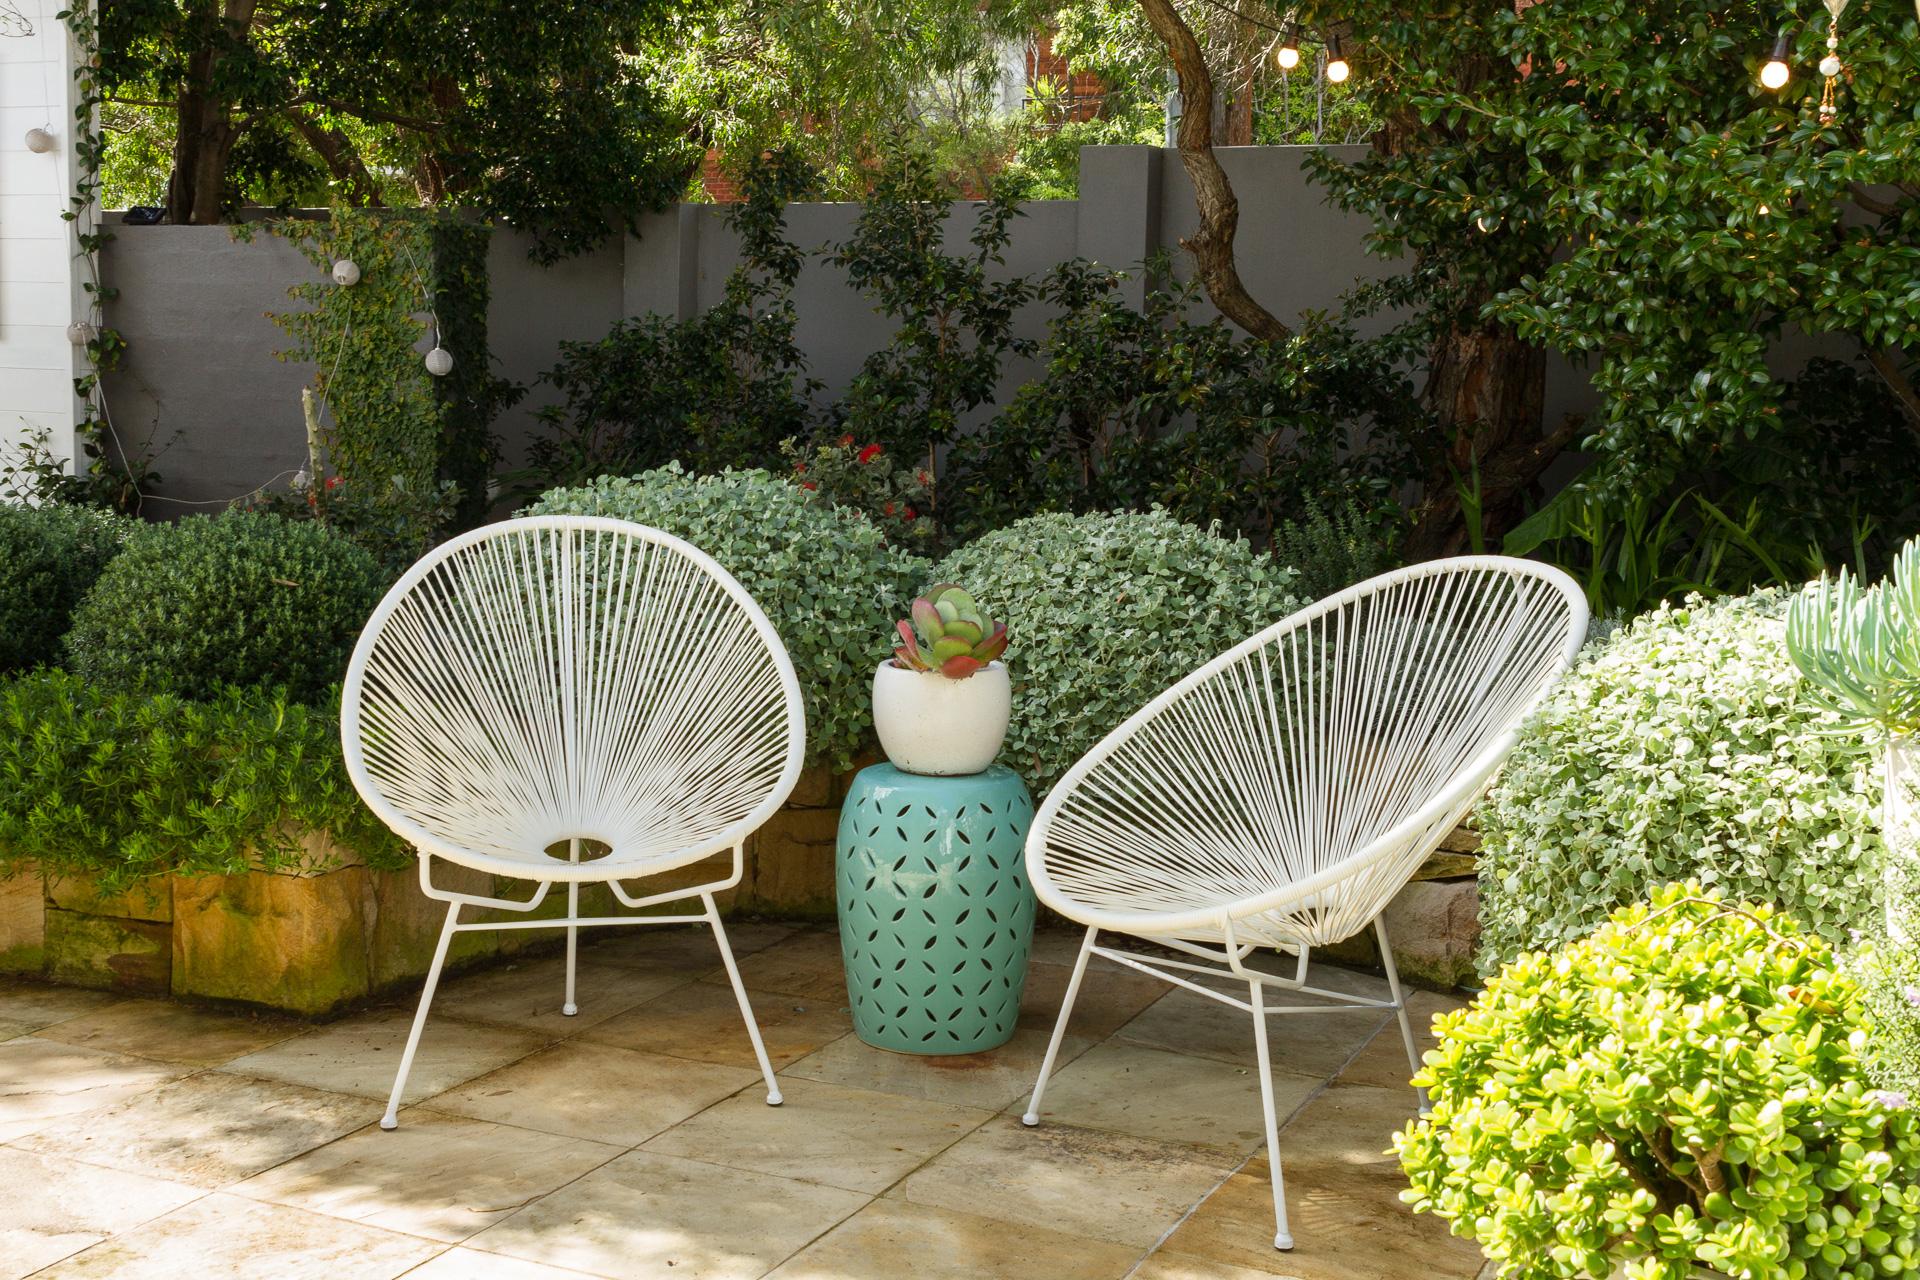 cronulla_residential_garden_design 26.jpg